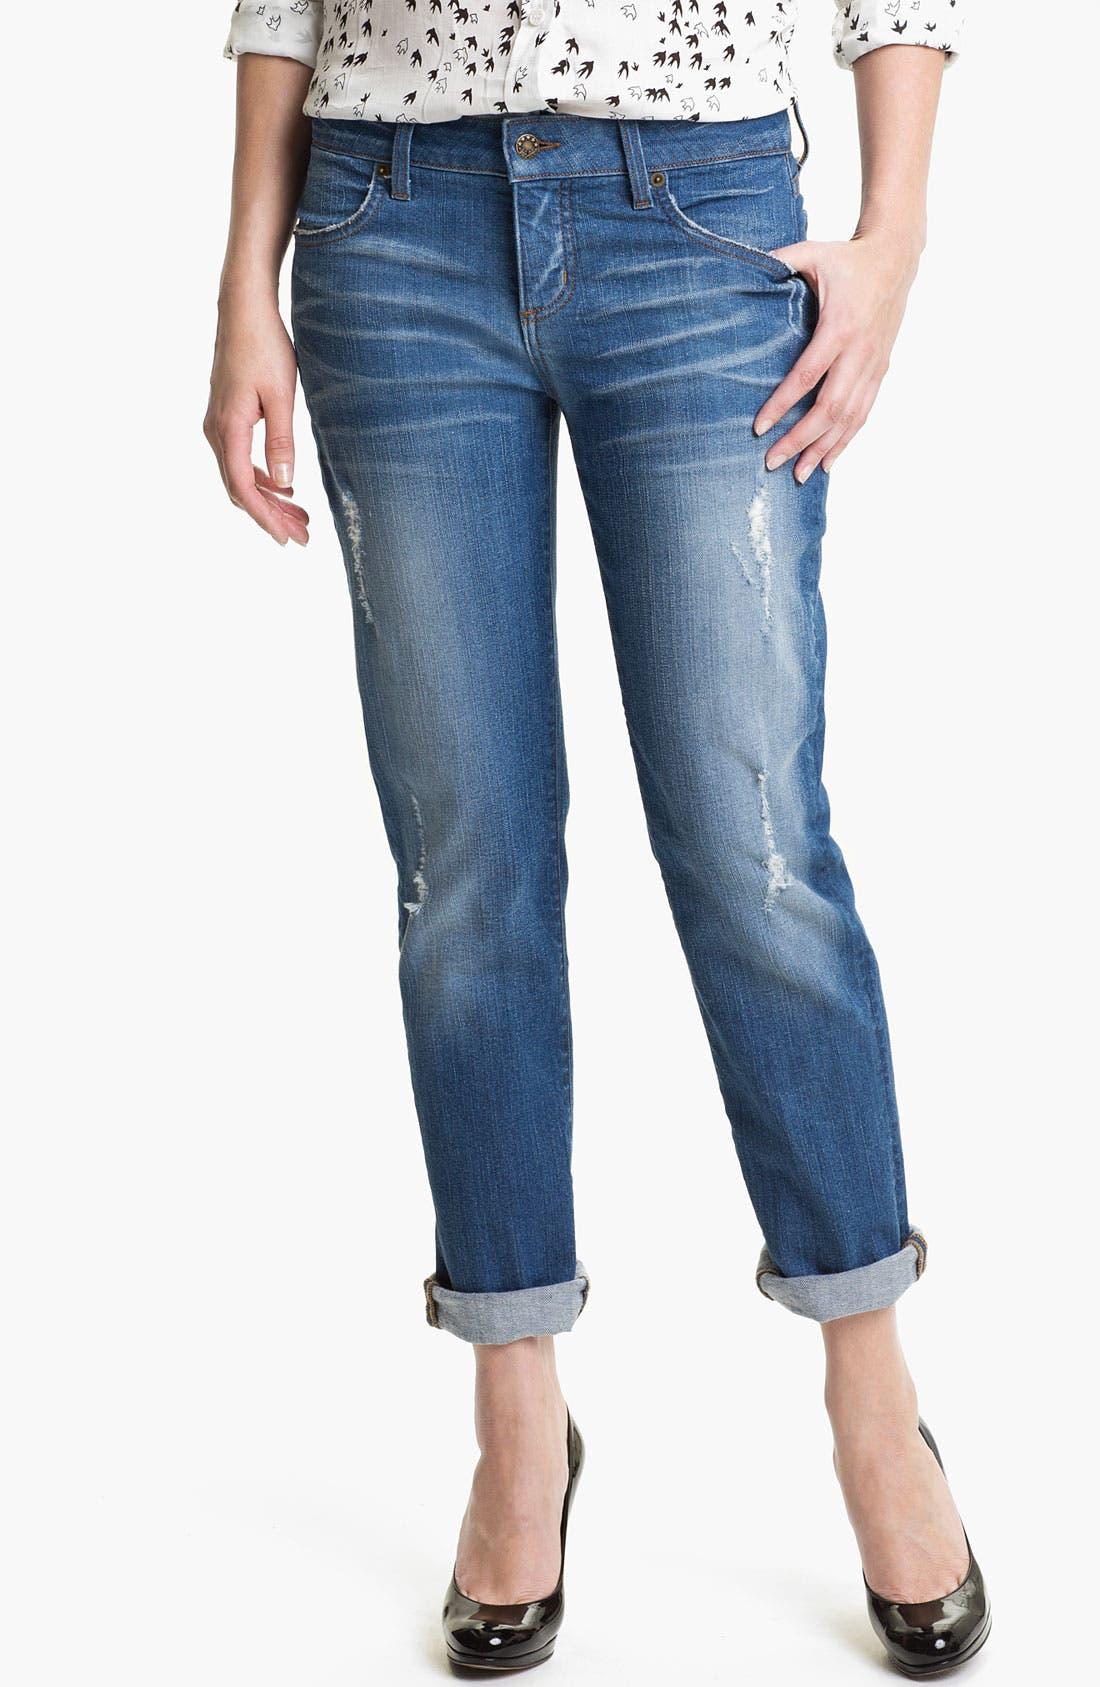 Main Image - Blue Essence Boyfriend Jeans (Worn Destroyed) (Nordstrom Exclusive)